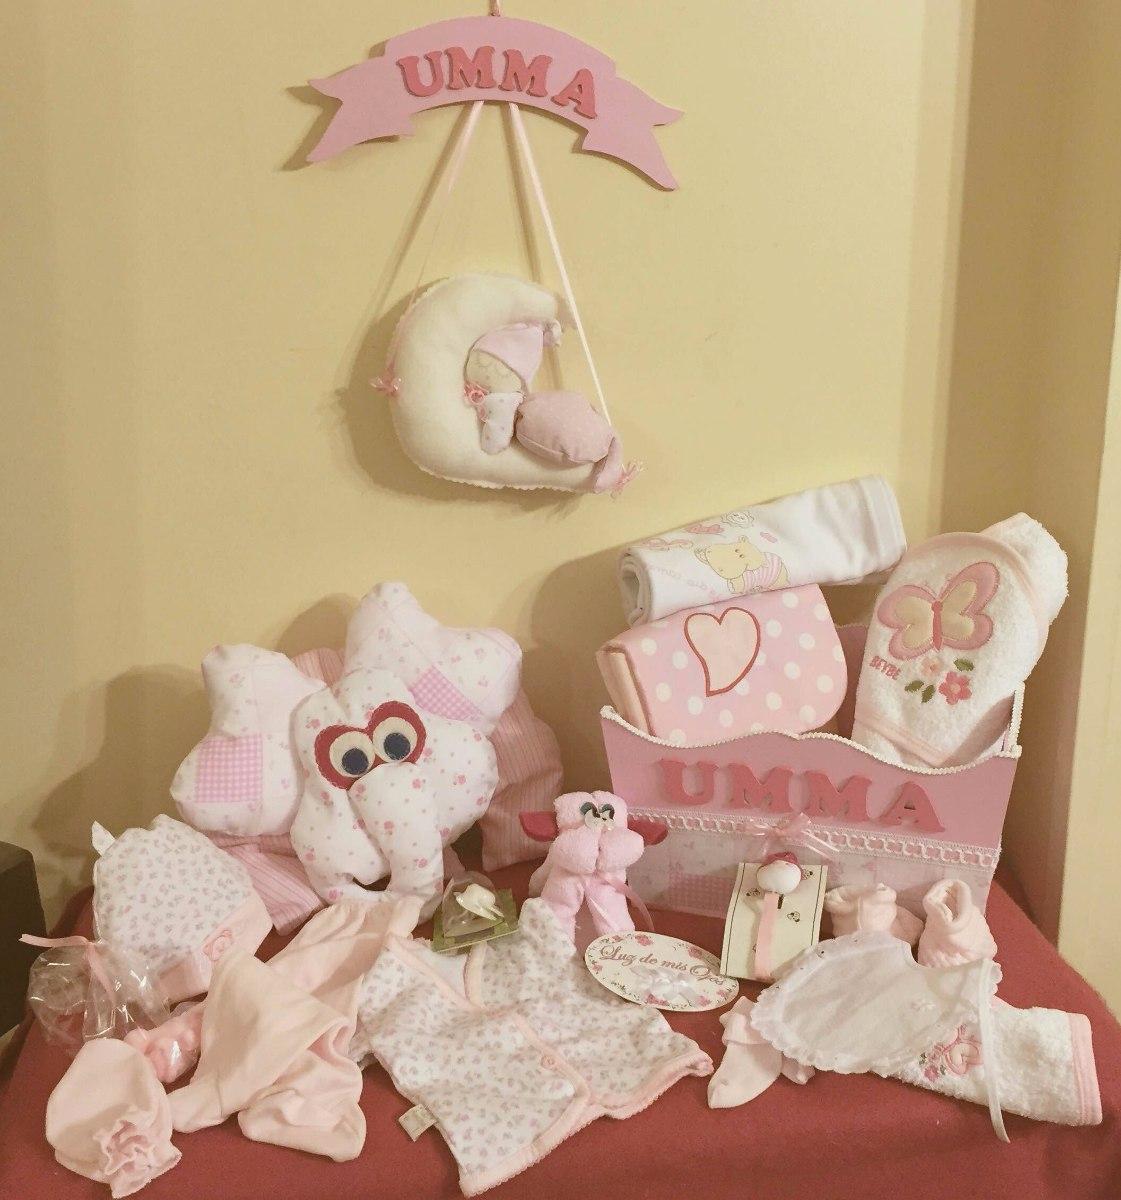 Ajuar Nacimiento Set Bebé Baby Shower Personalizado Completo ... 55678454df7c